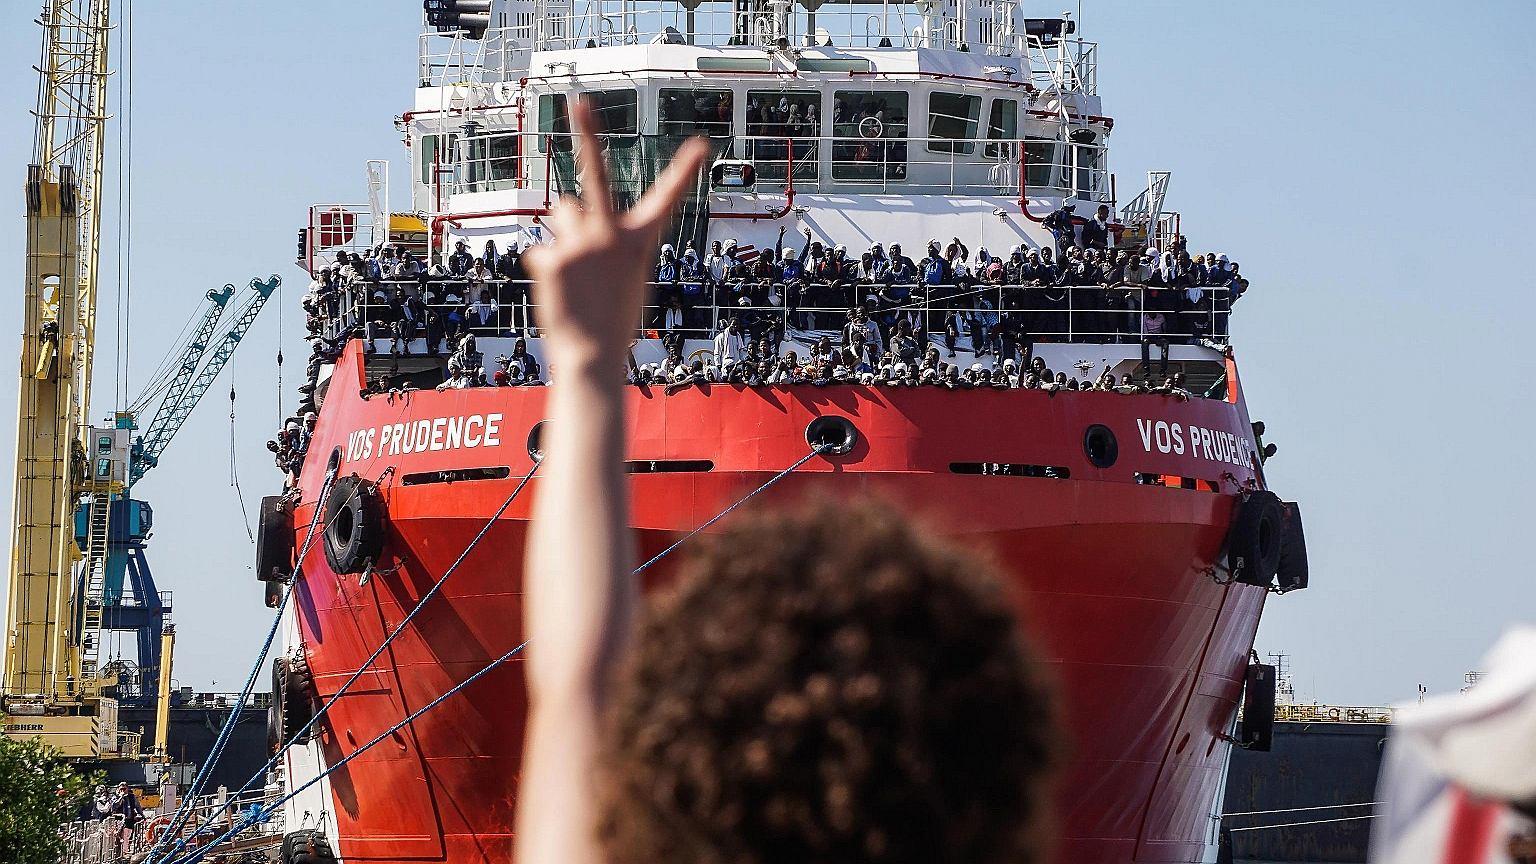 Statek ratowniczy VOS 'Prudence', z uratowanymi imigrantami na pokładzie, cumuje w porcie w Neapolu